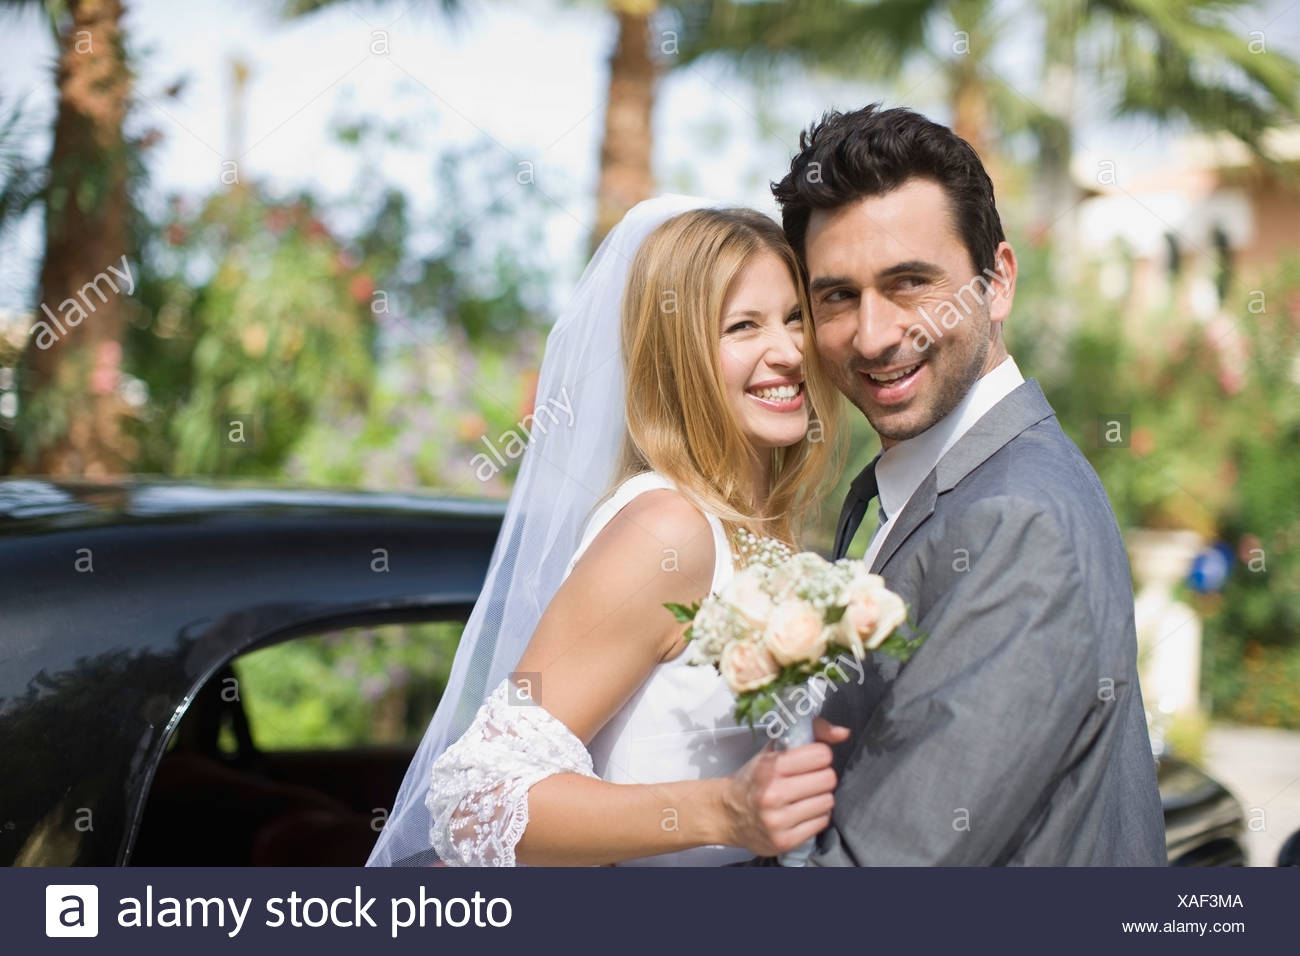 Bridal couple - Stock Image